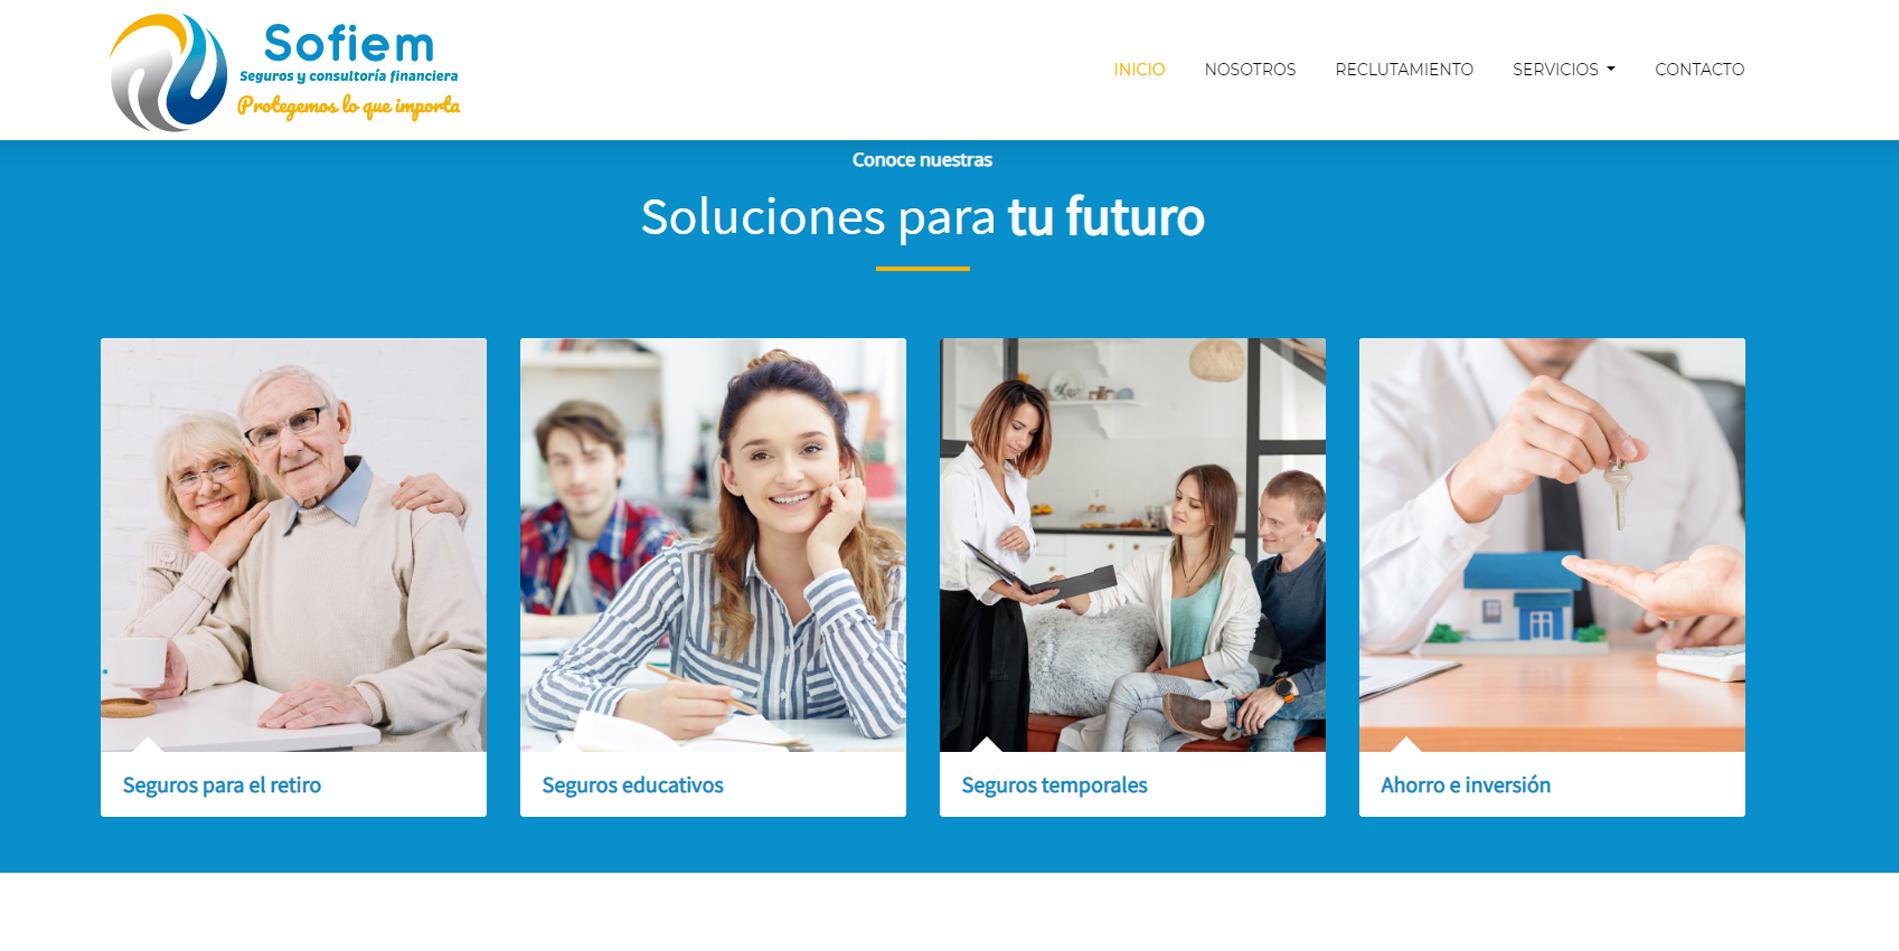 Páginas web en CDMX 2019